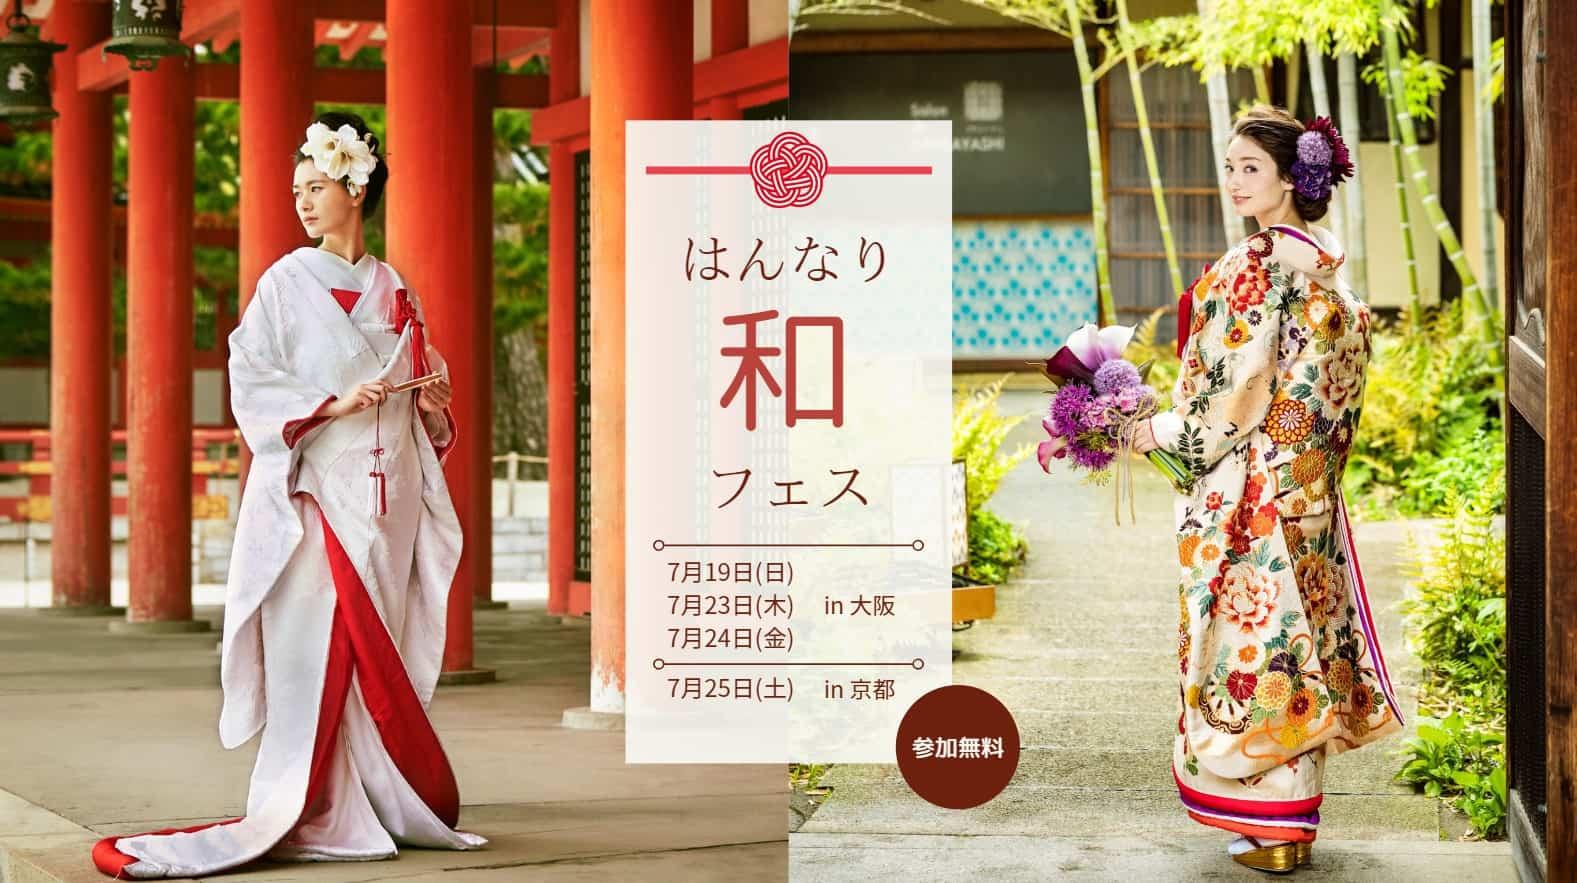 <組数限定>伝統と格式を感じる和婚イベント『はんなり和フェス』が大阪と京都で再開決定!のカバー写真